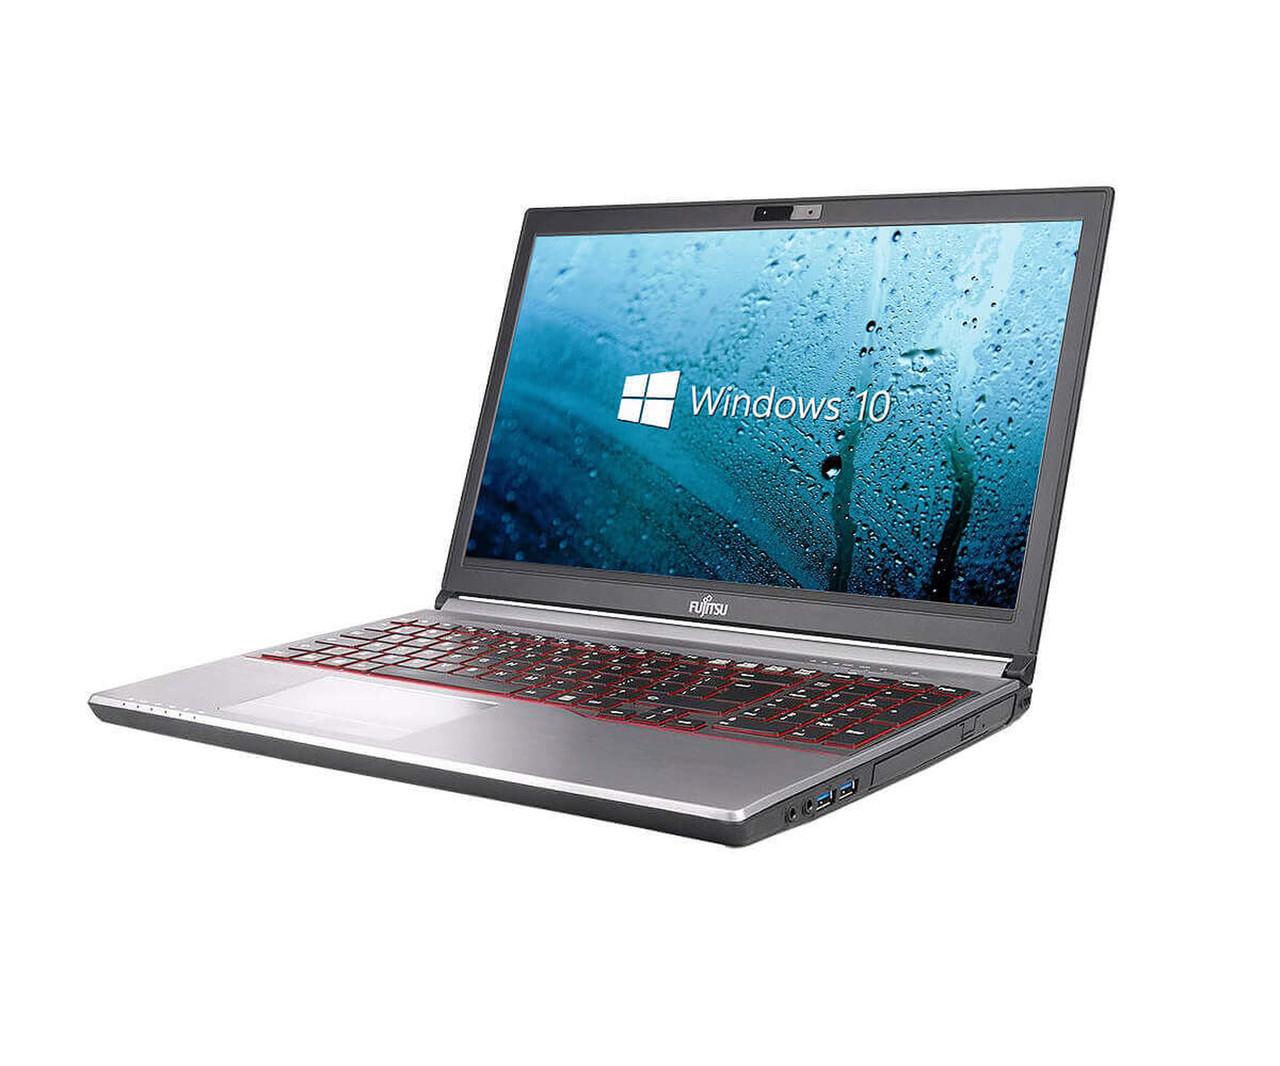 Ноутбук Fujitsu Lifebook E754 15.6 HD  intel Core i5 Gen4 RAM от  4GB DDR3 HDD или SSD 240GB Без Бат. Сост 9 из 10